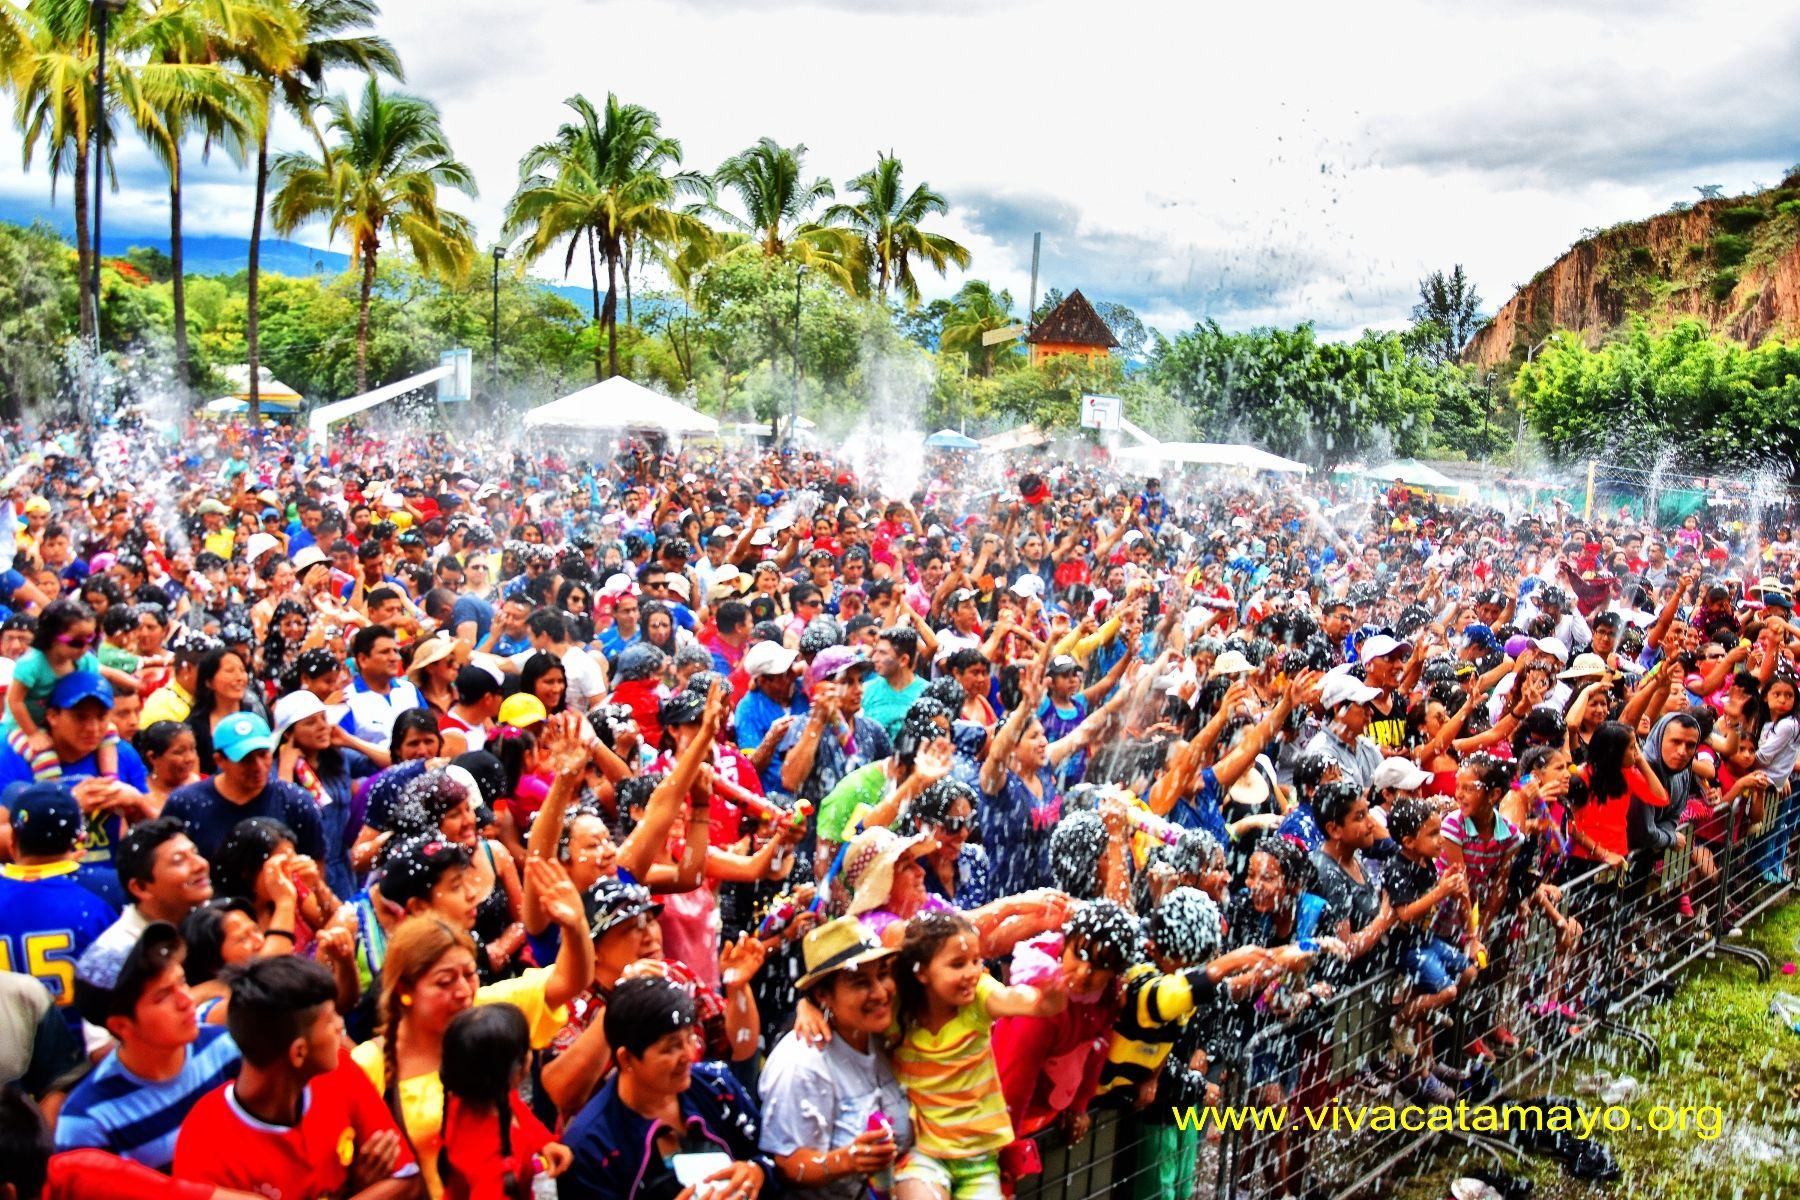 Carnaval 2017- Catamayo- Alma Bella (1)024